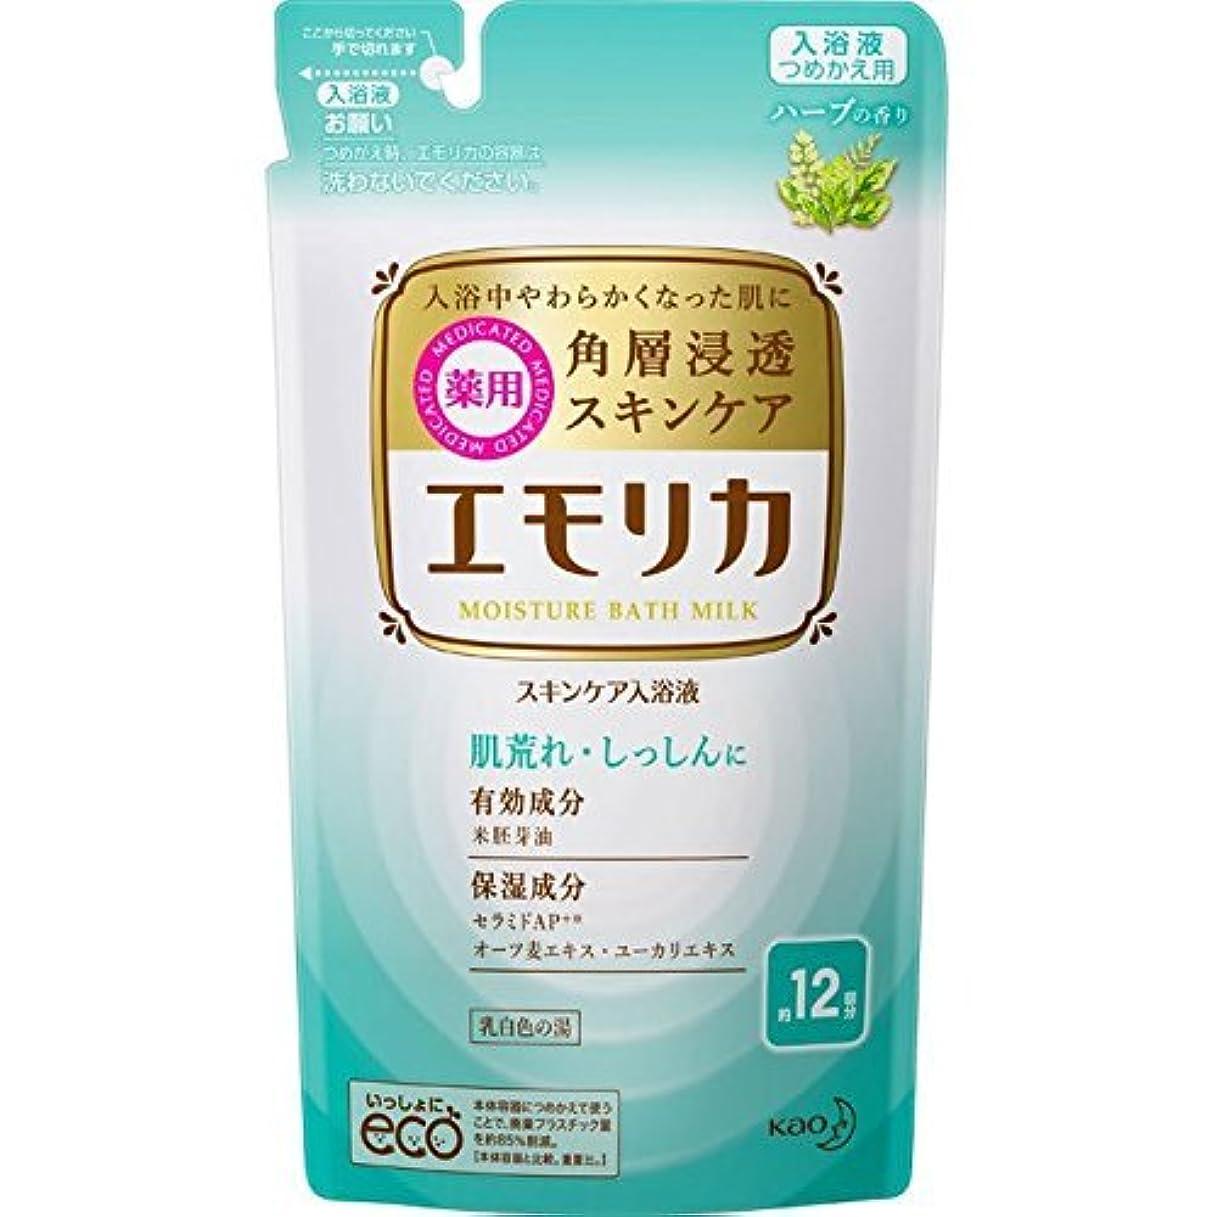 クラブ突破口実験的【花王】エモリカ ハーブの香り つめかえ用 360ml ×10個セット